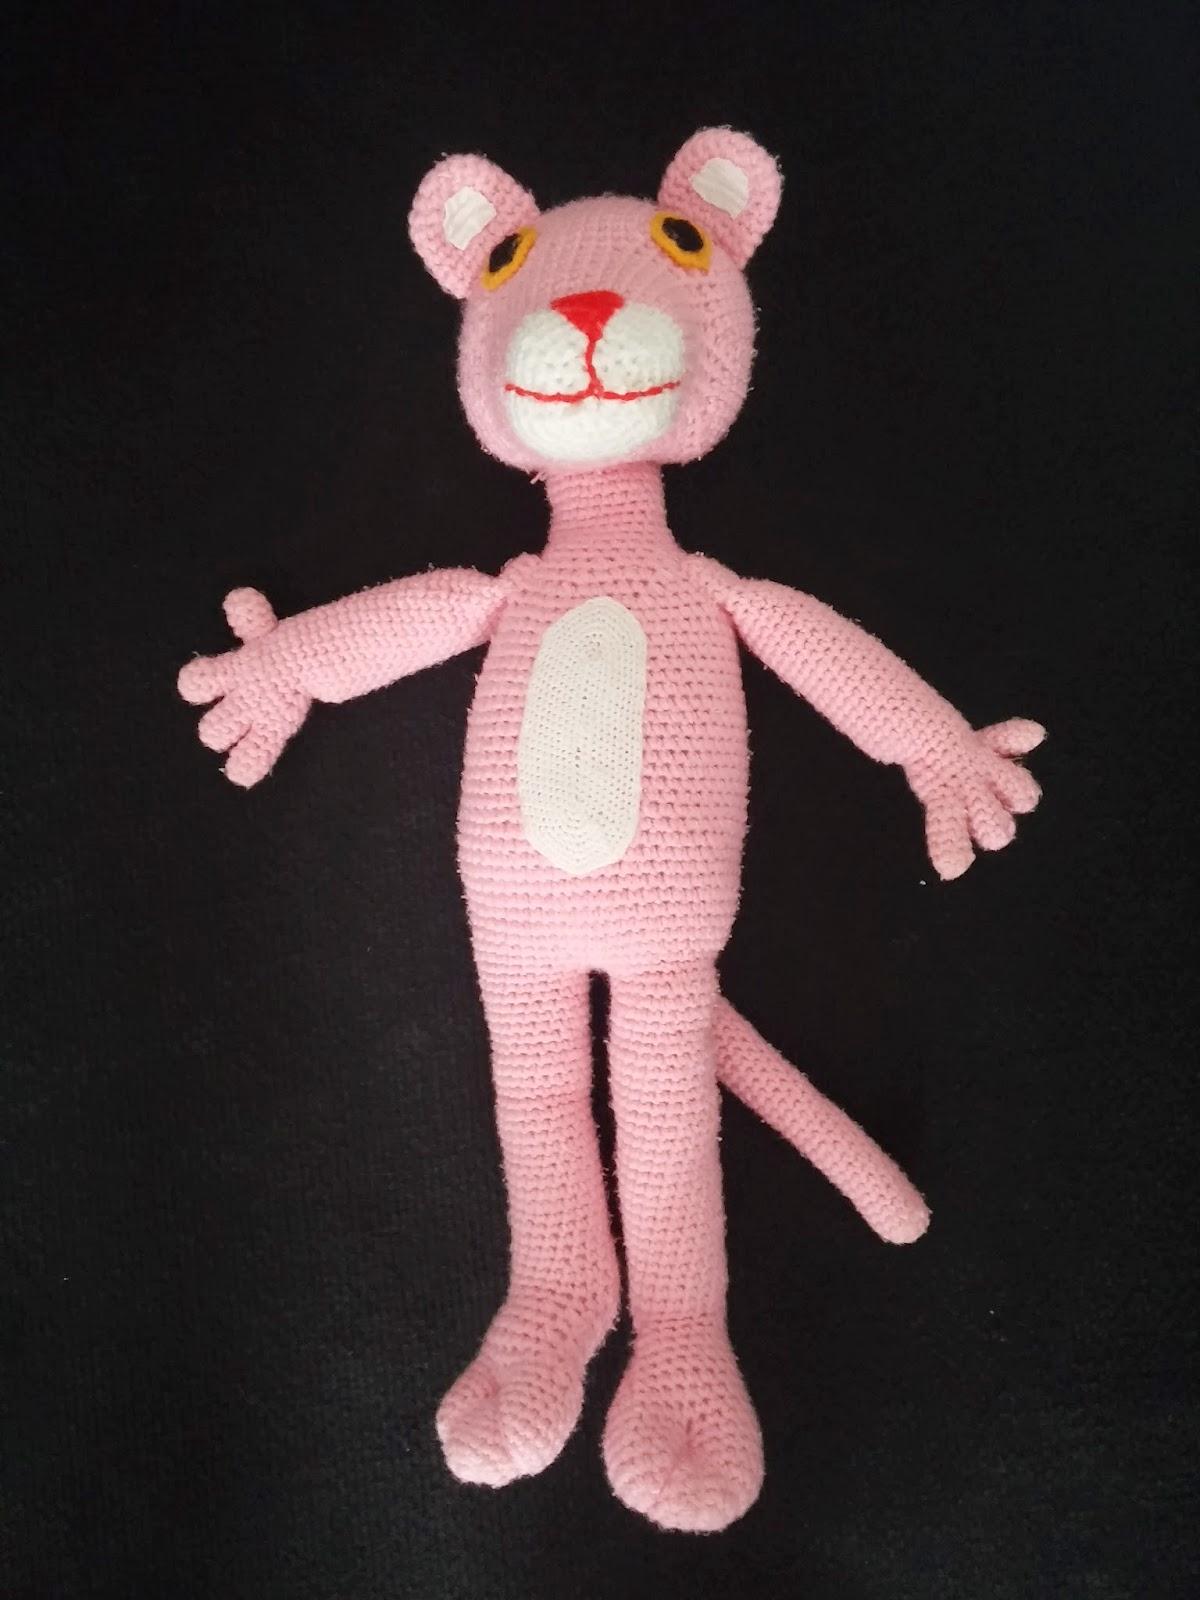 Pembe panter oyuncak - Sahibinden El Örgüsü Oyuncak & Amigurumi ...   1600x1200